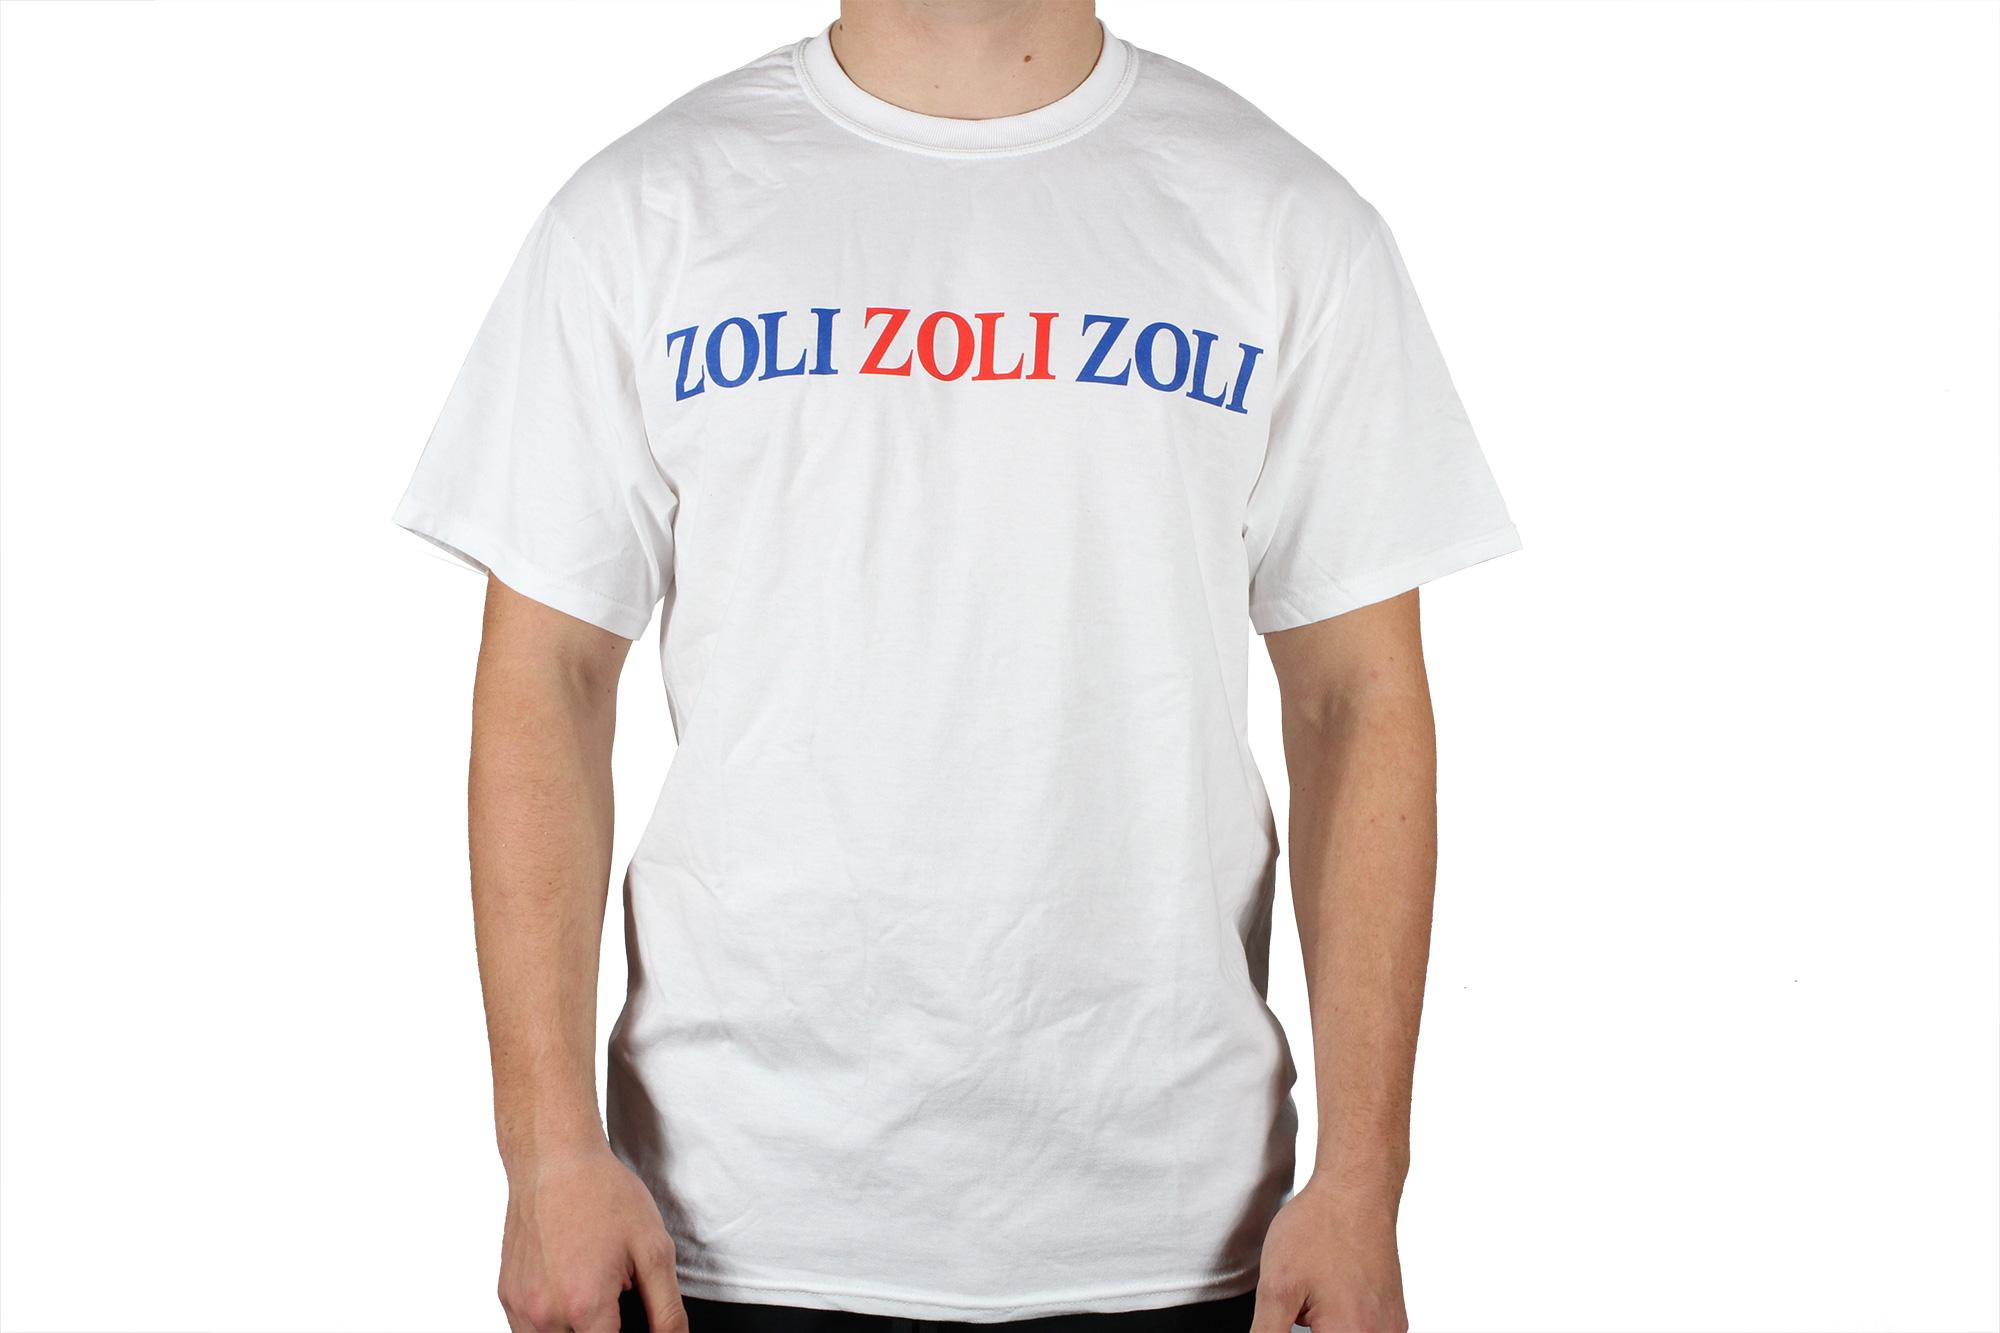 Zoli Zoli Zoli White Cotton Shirt